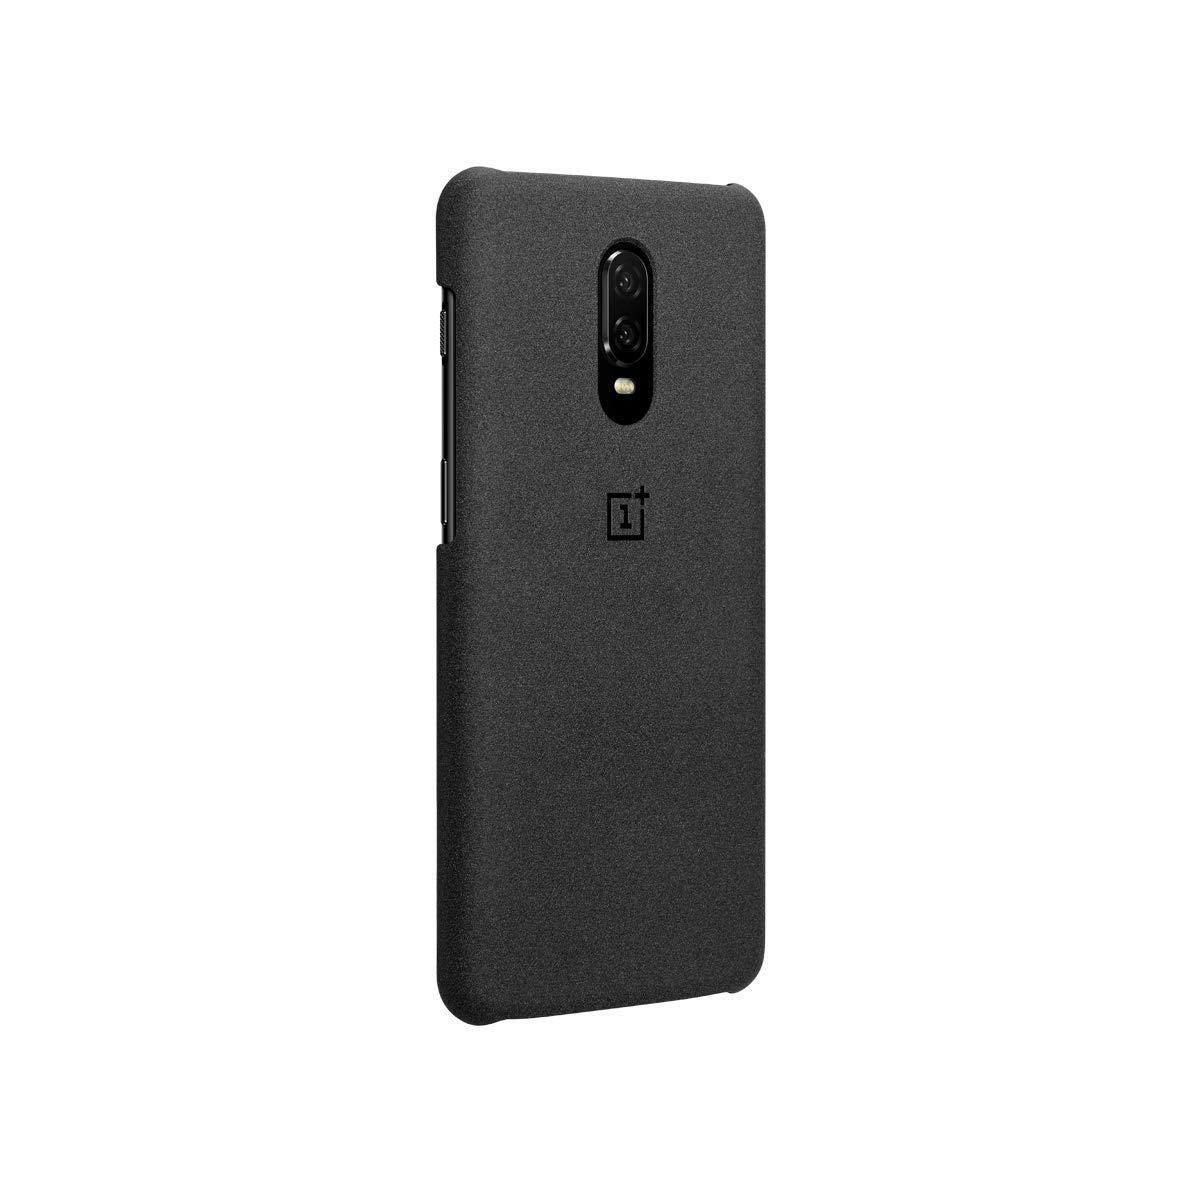 OnePlus Coque de Protection pour OnePlus 6T Karbon